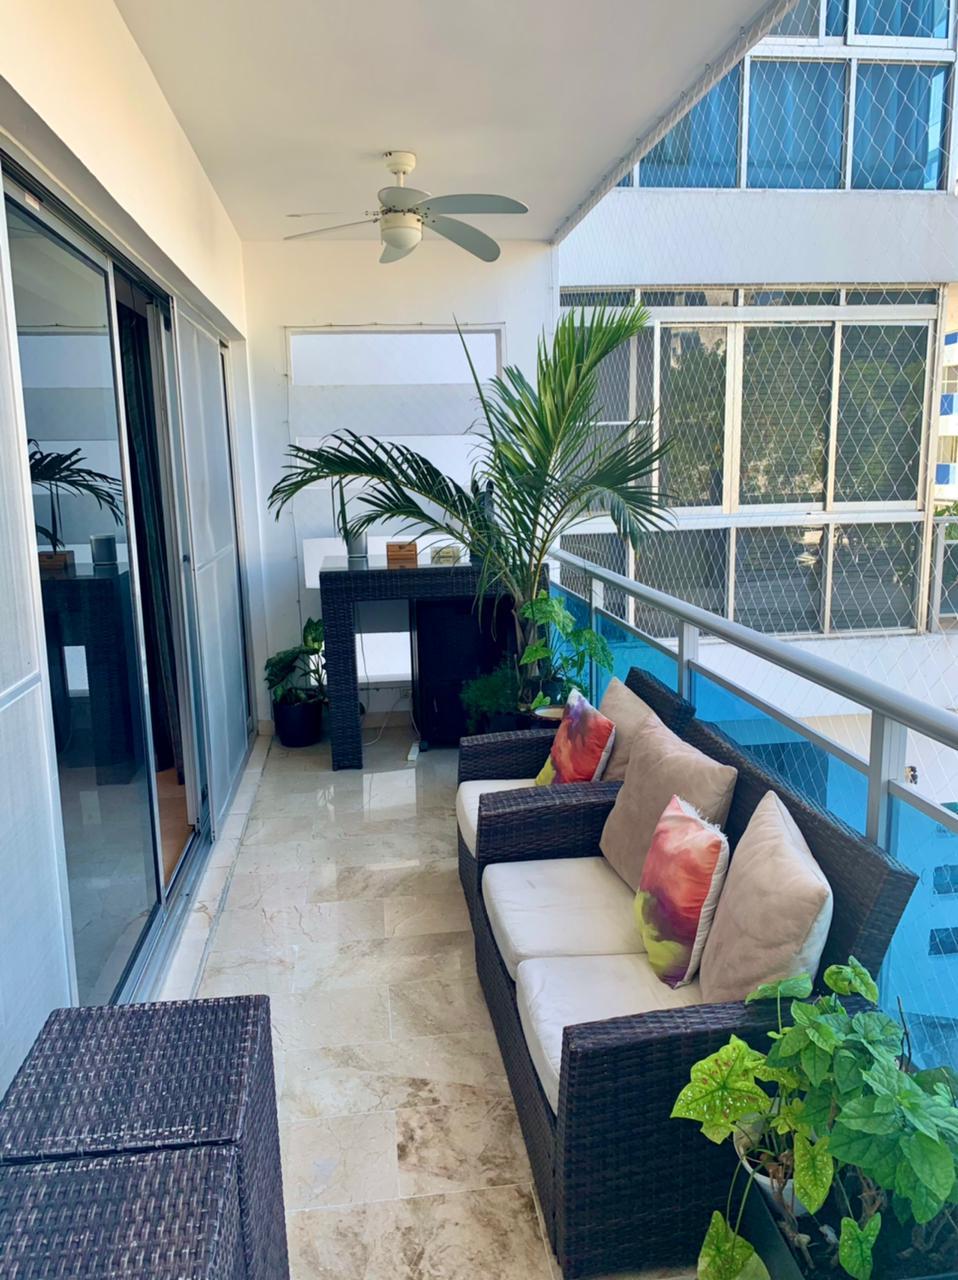 Exclusivo y cómodo apartamento en venta en Piantini! 105